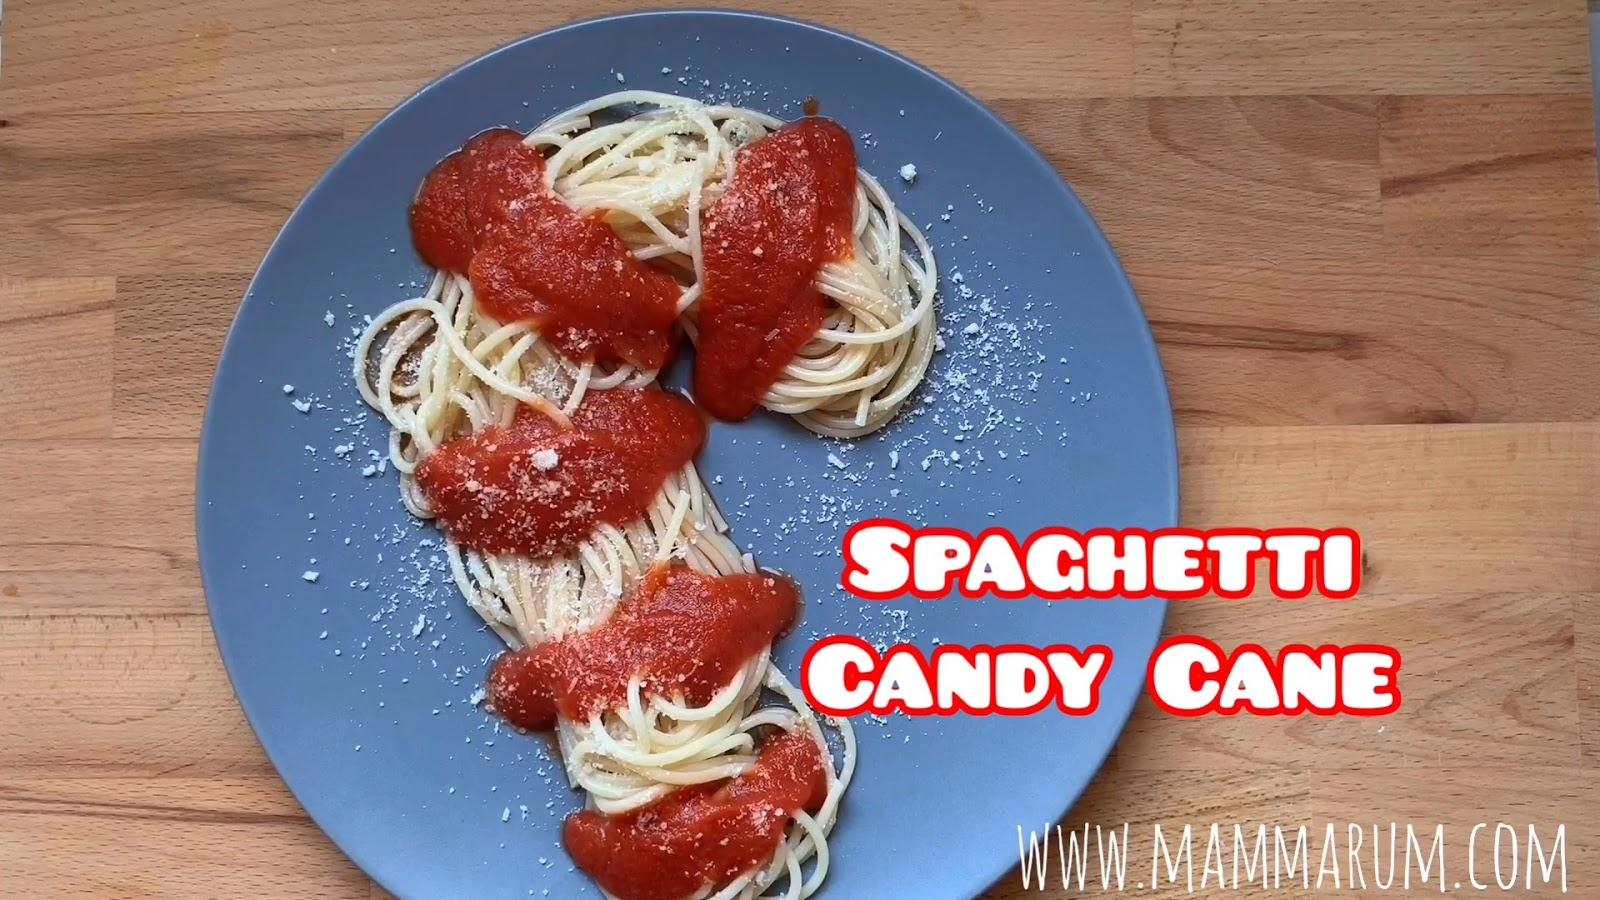 Avvento Giorno 2: Spaghetti Candy Cane